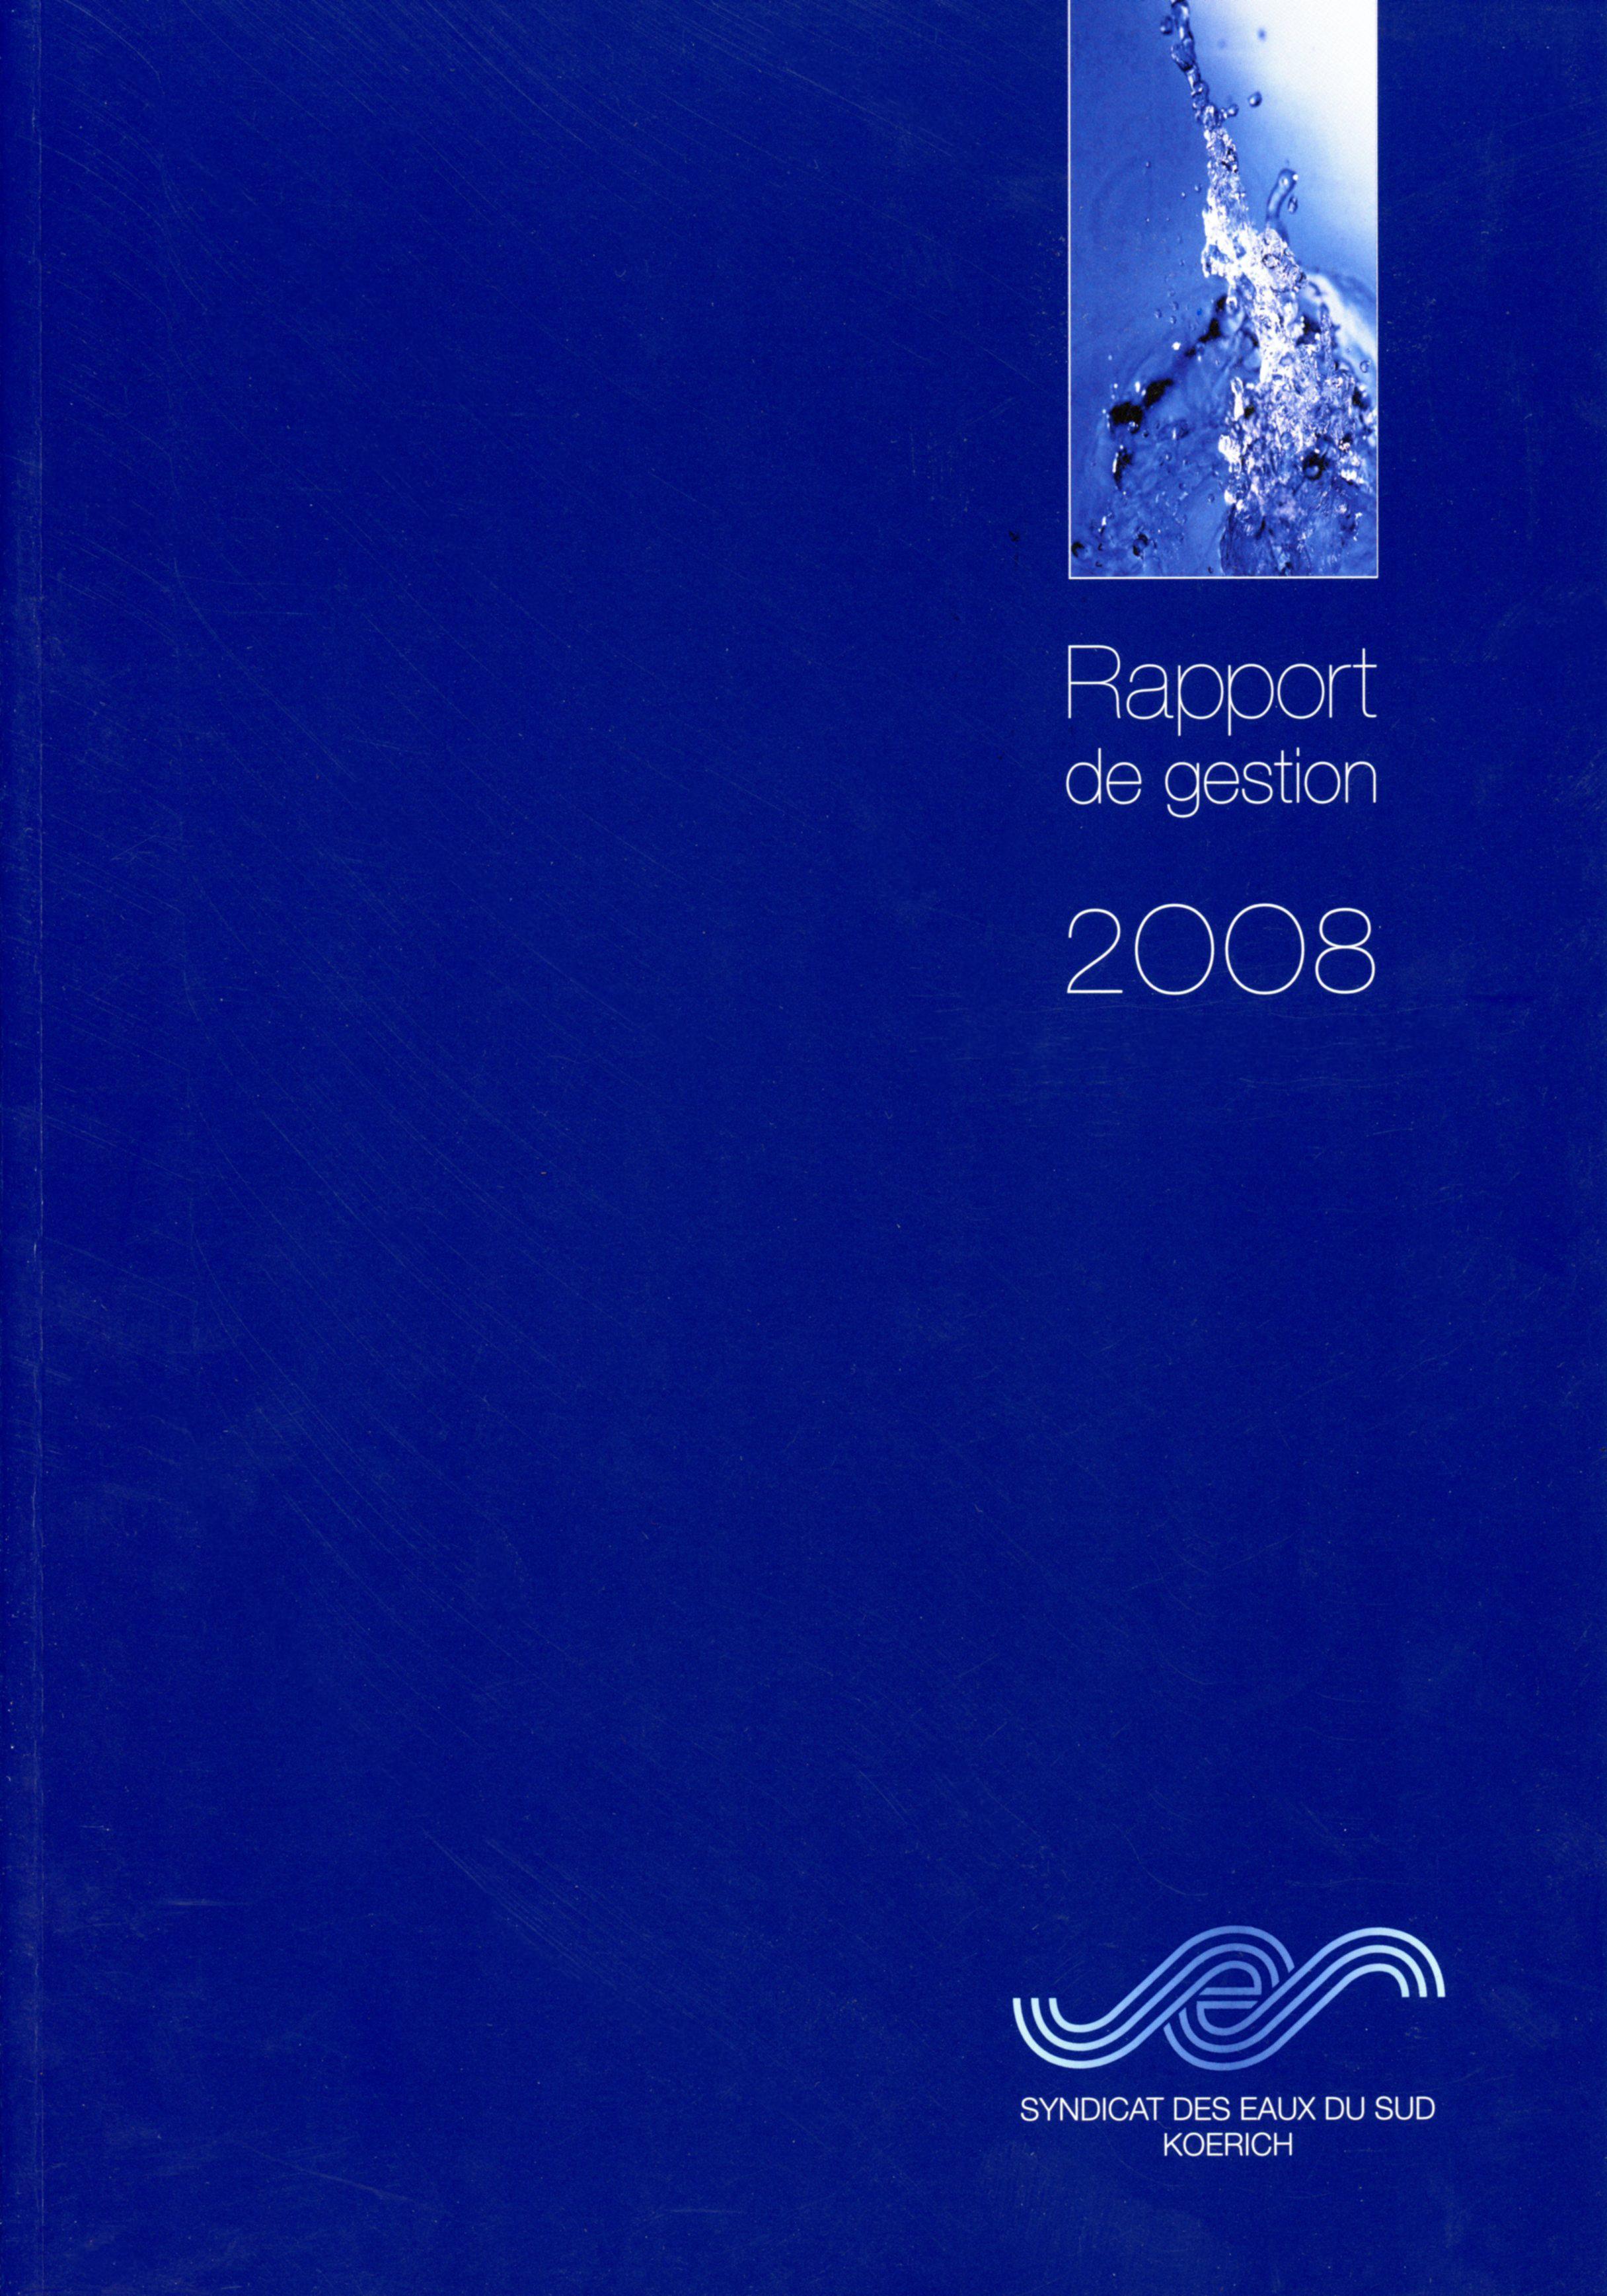 Rapport annuel SES Syndicat des Eaux du Sud Koerich Lex & Pit Weyer 2008